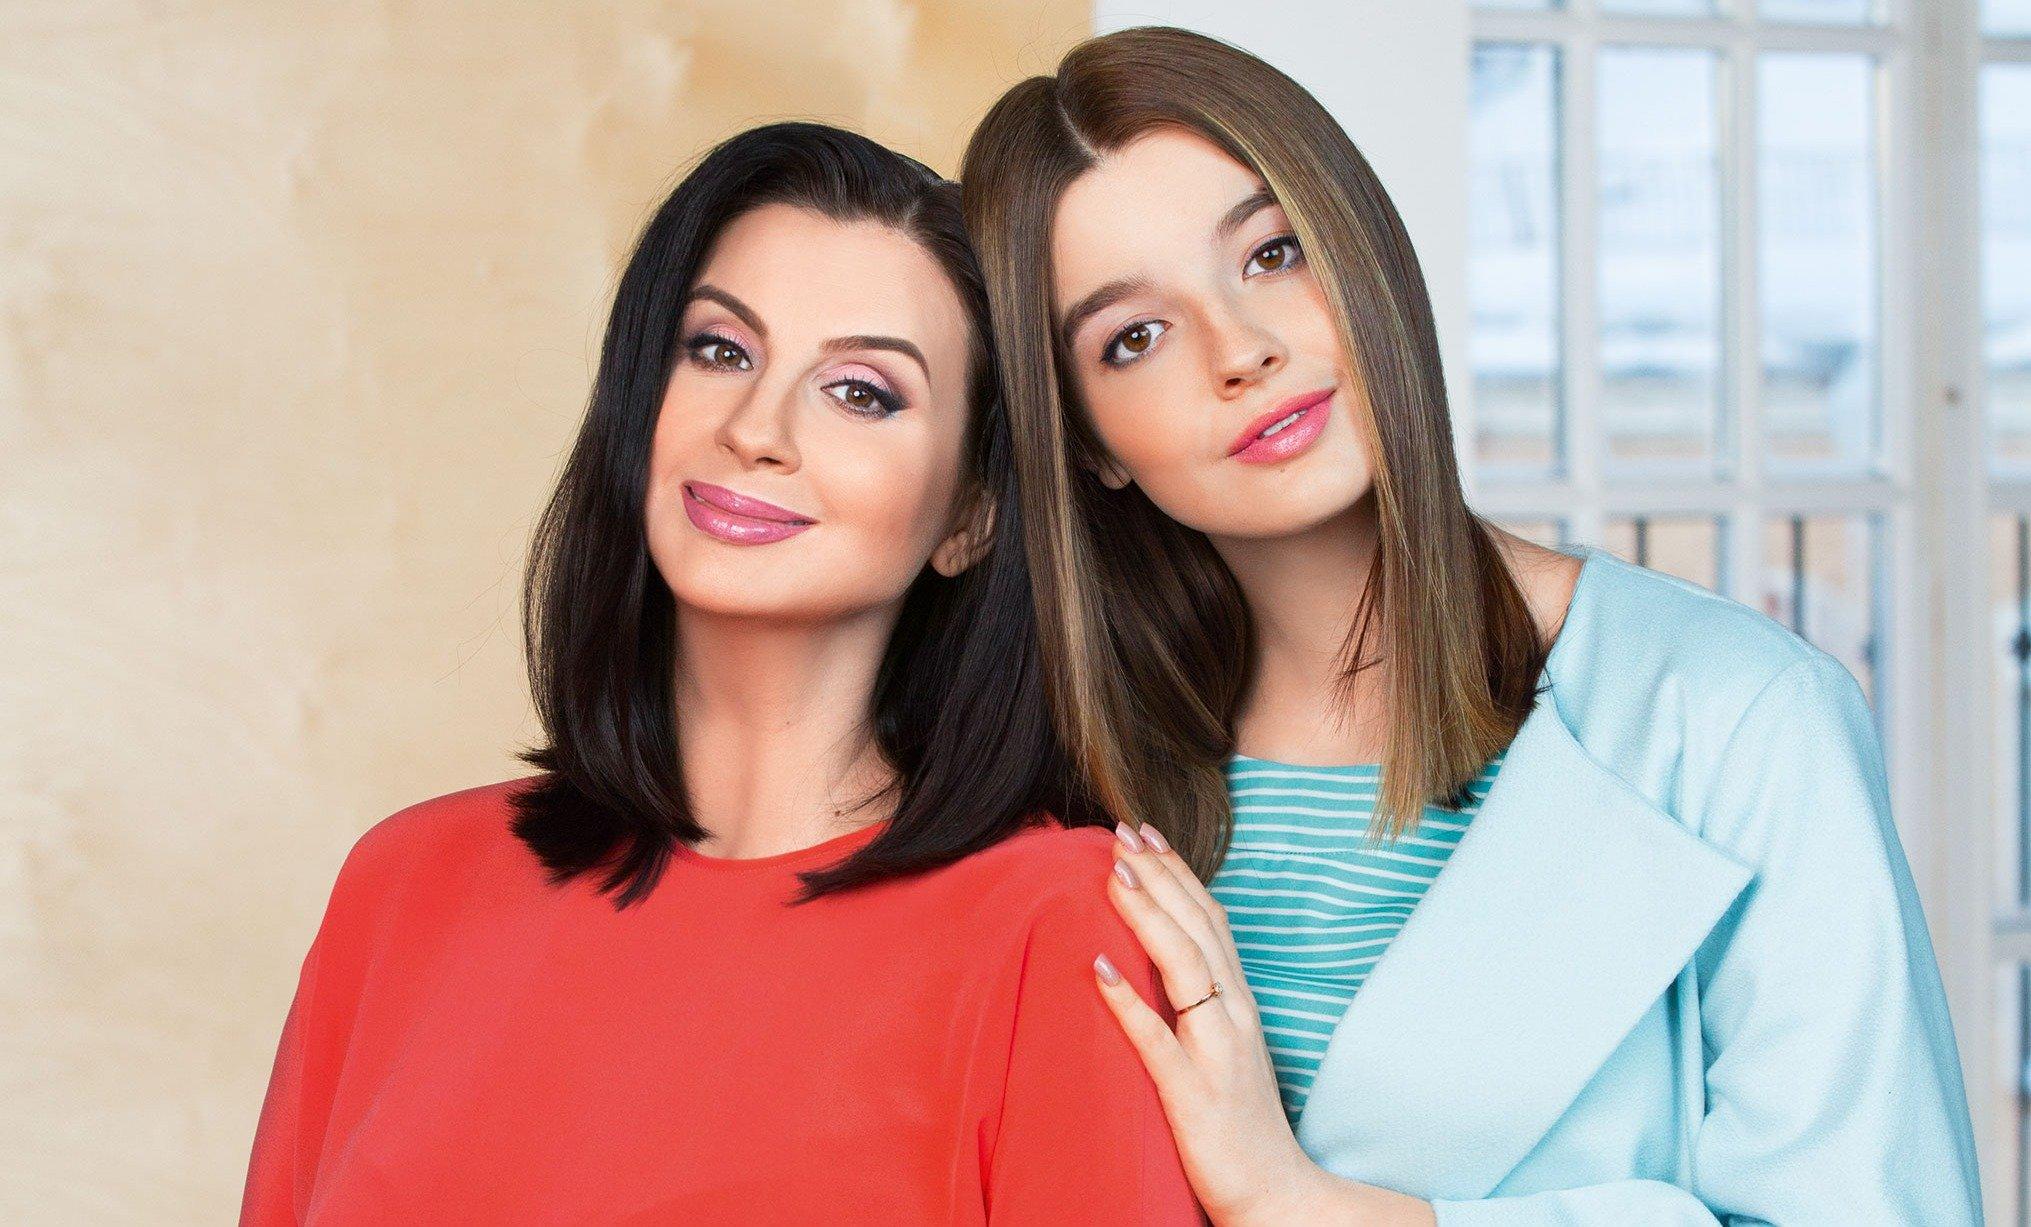 Дочь Екатерины и Александра Стриженовых опубликовала фото из Америки